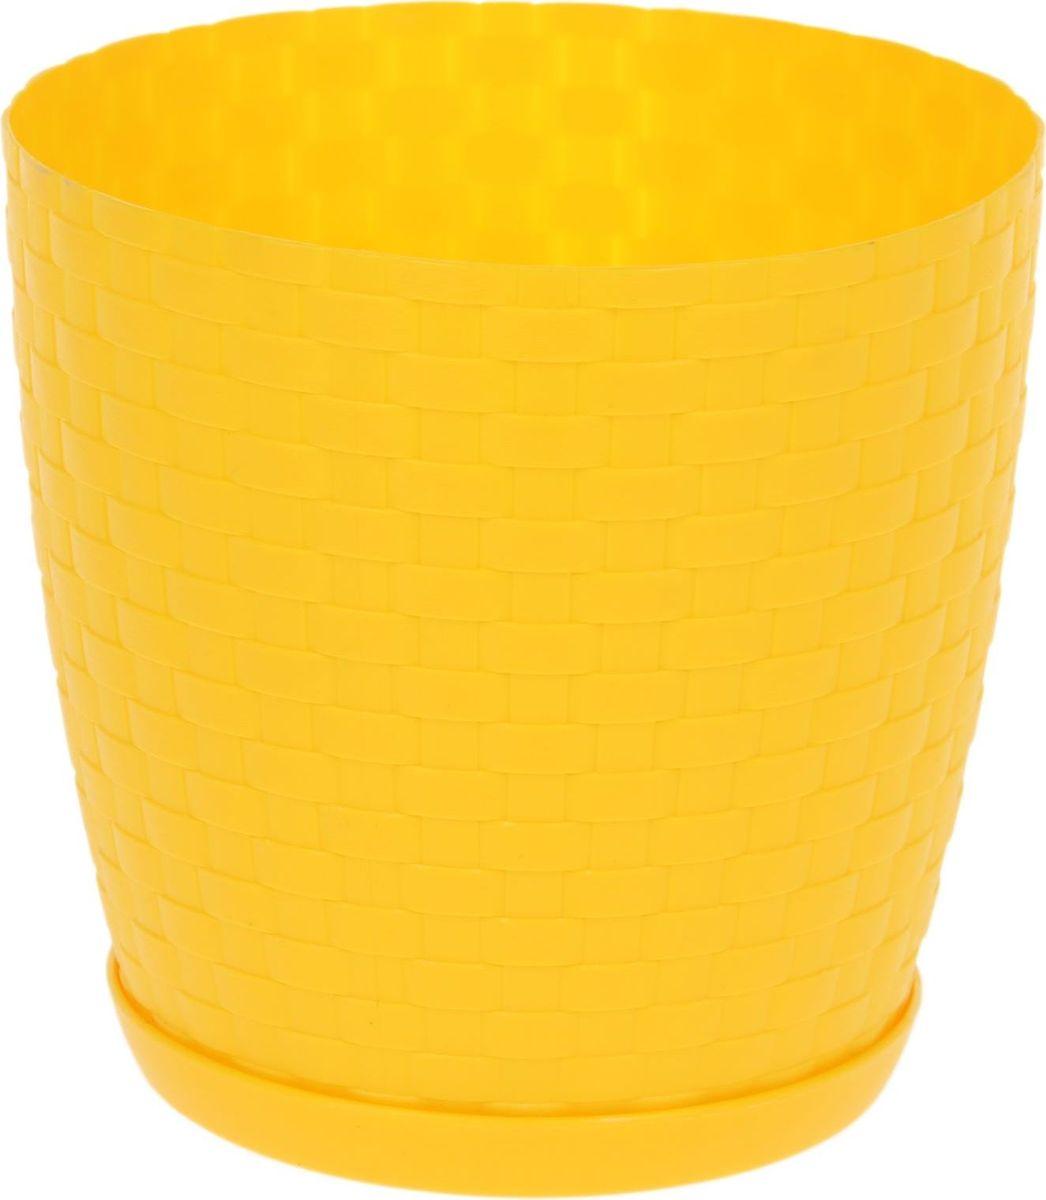 Горшок для цветов Петропласт Ротанг, с поддоном, цвет: желтый, 3 л